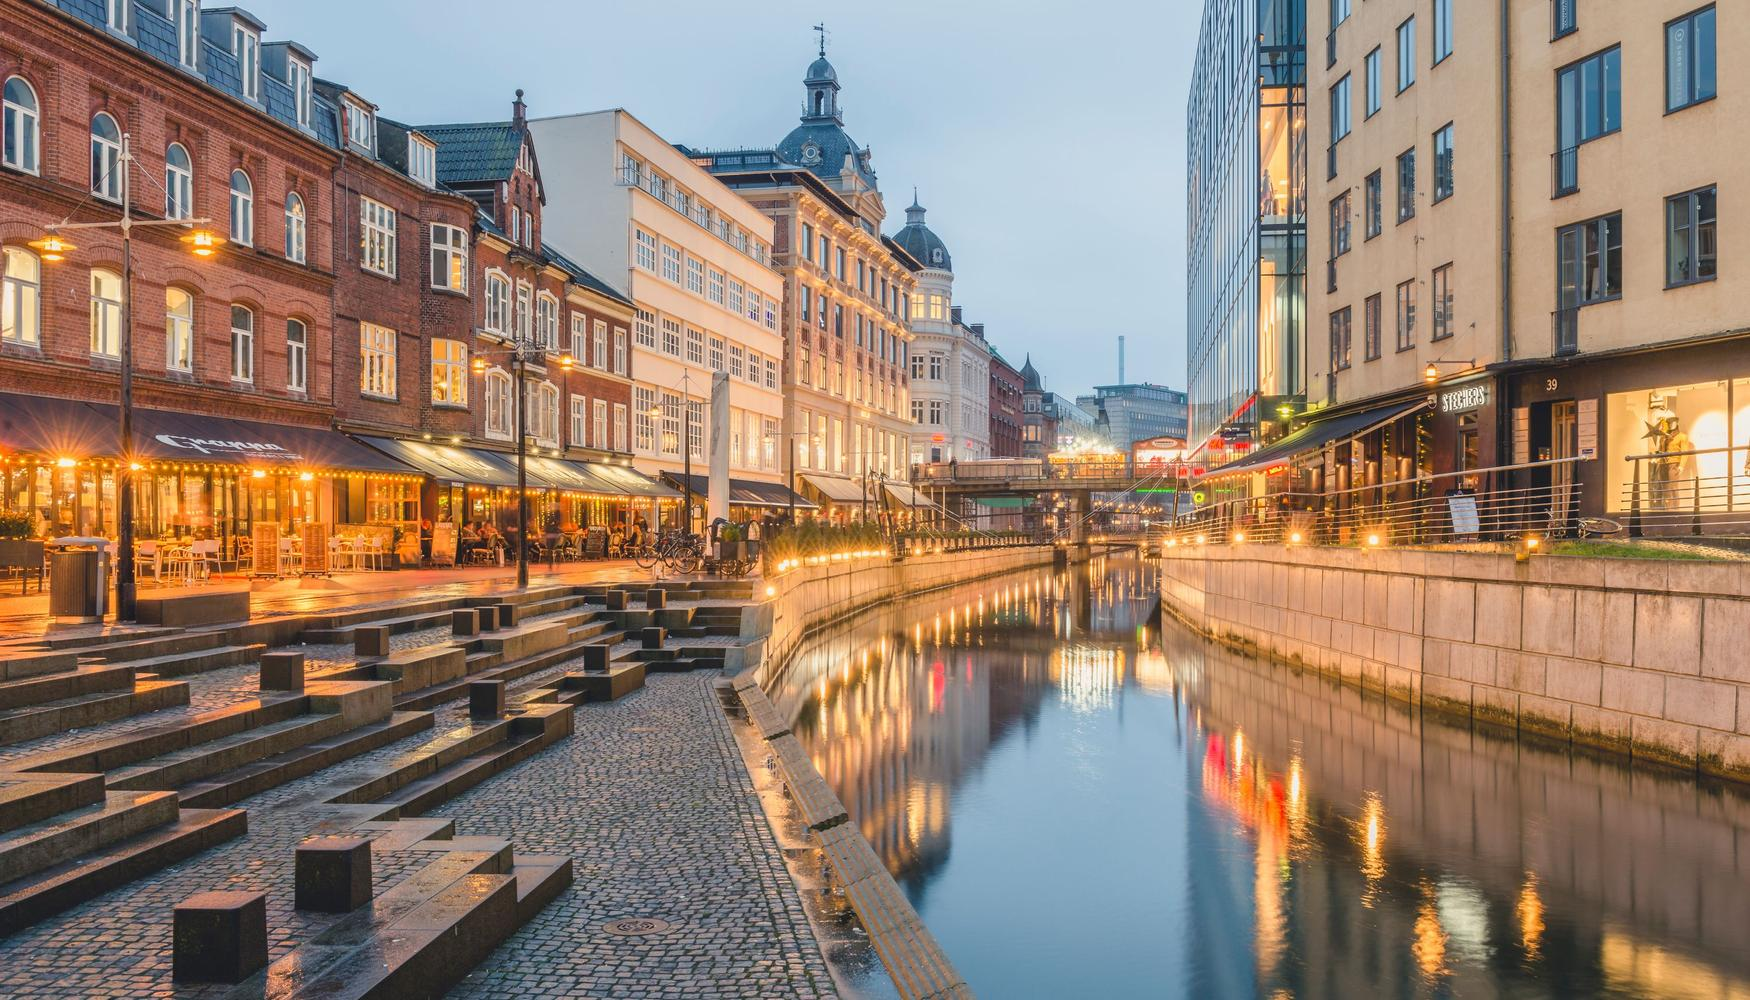 Δανία - Ενοικίαση αυτοκινήτου